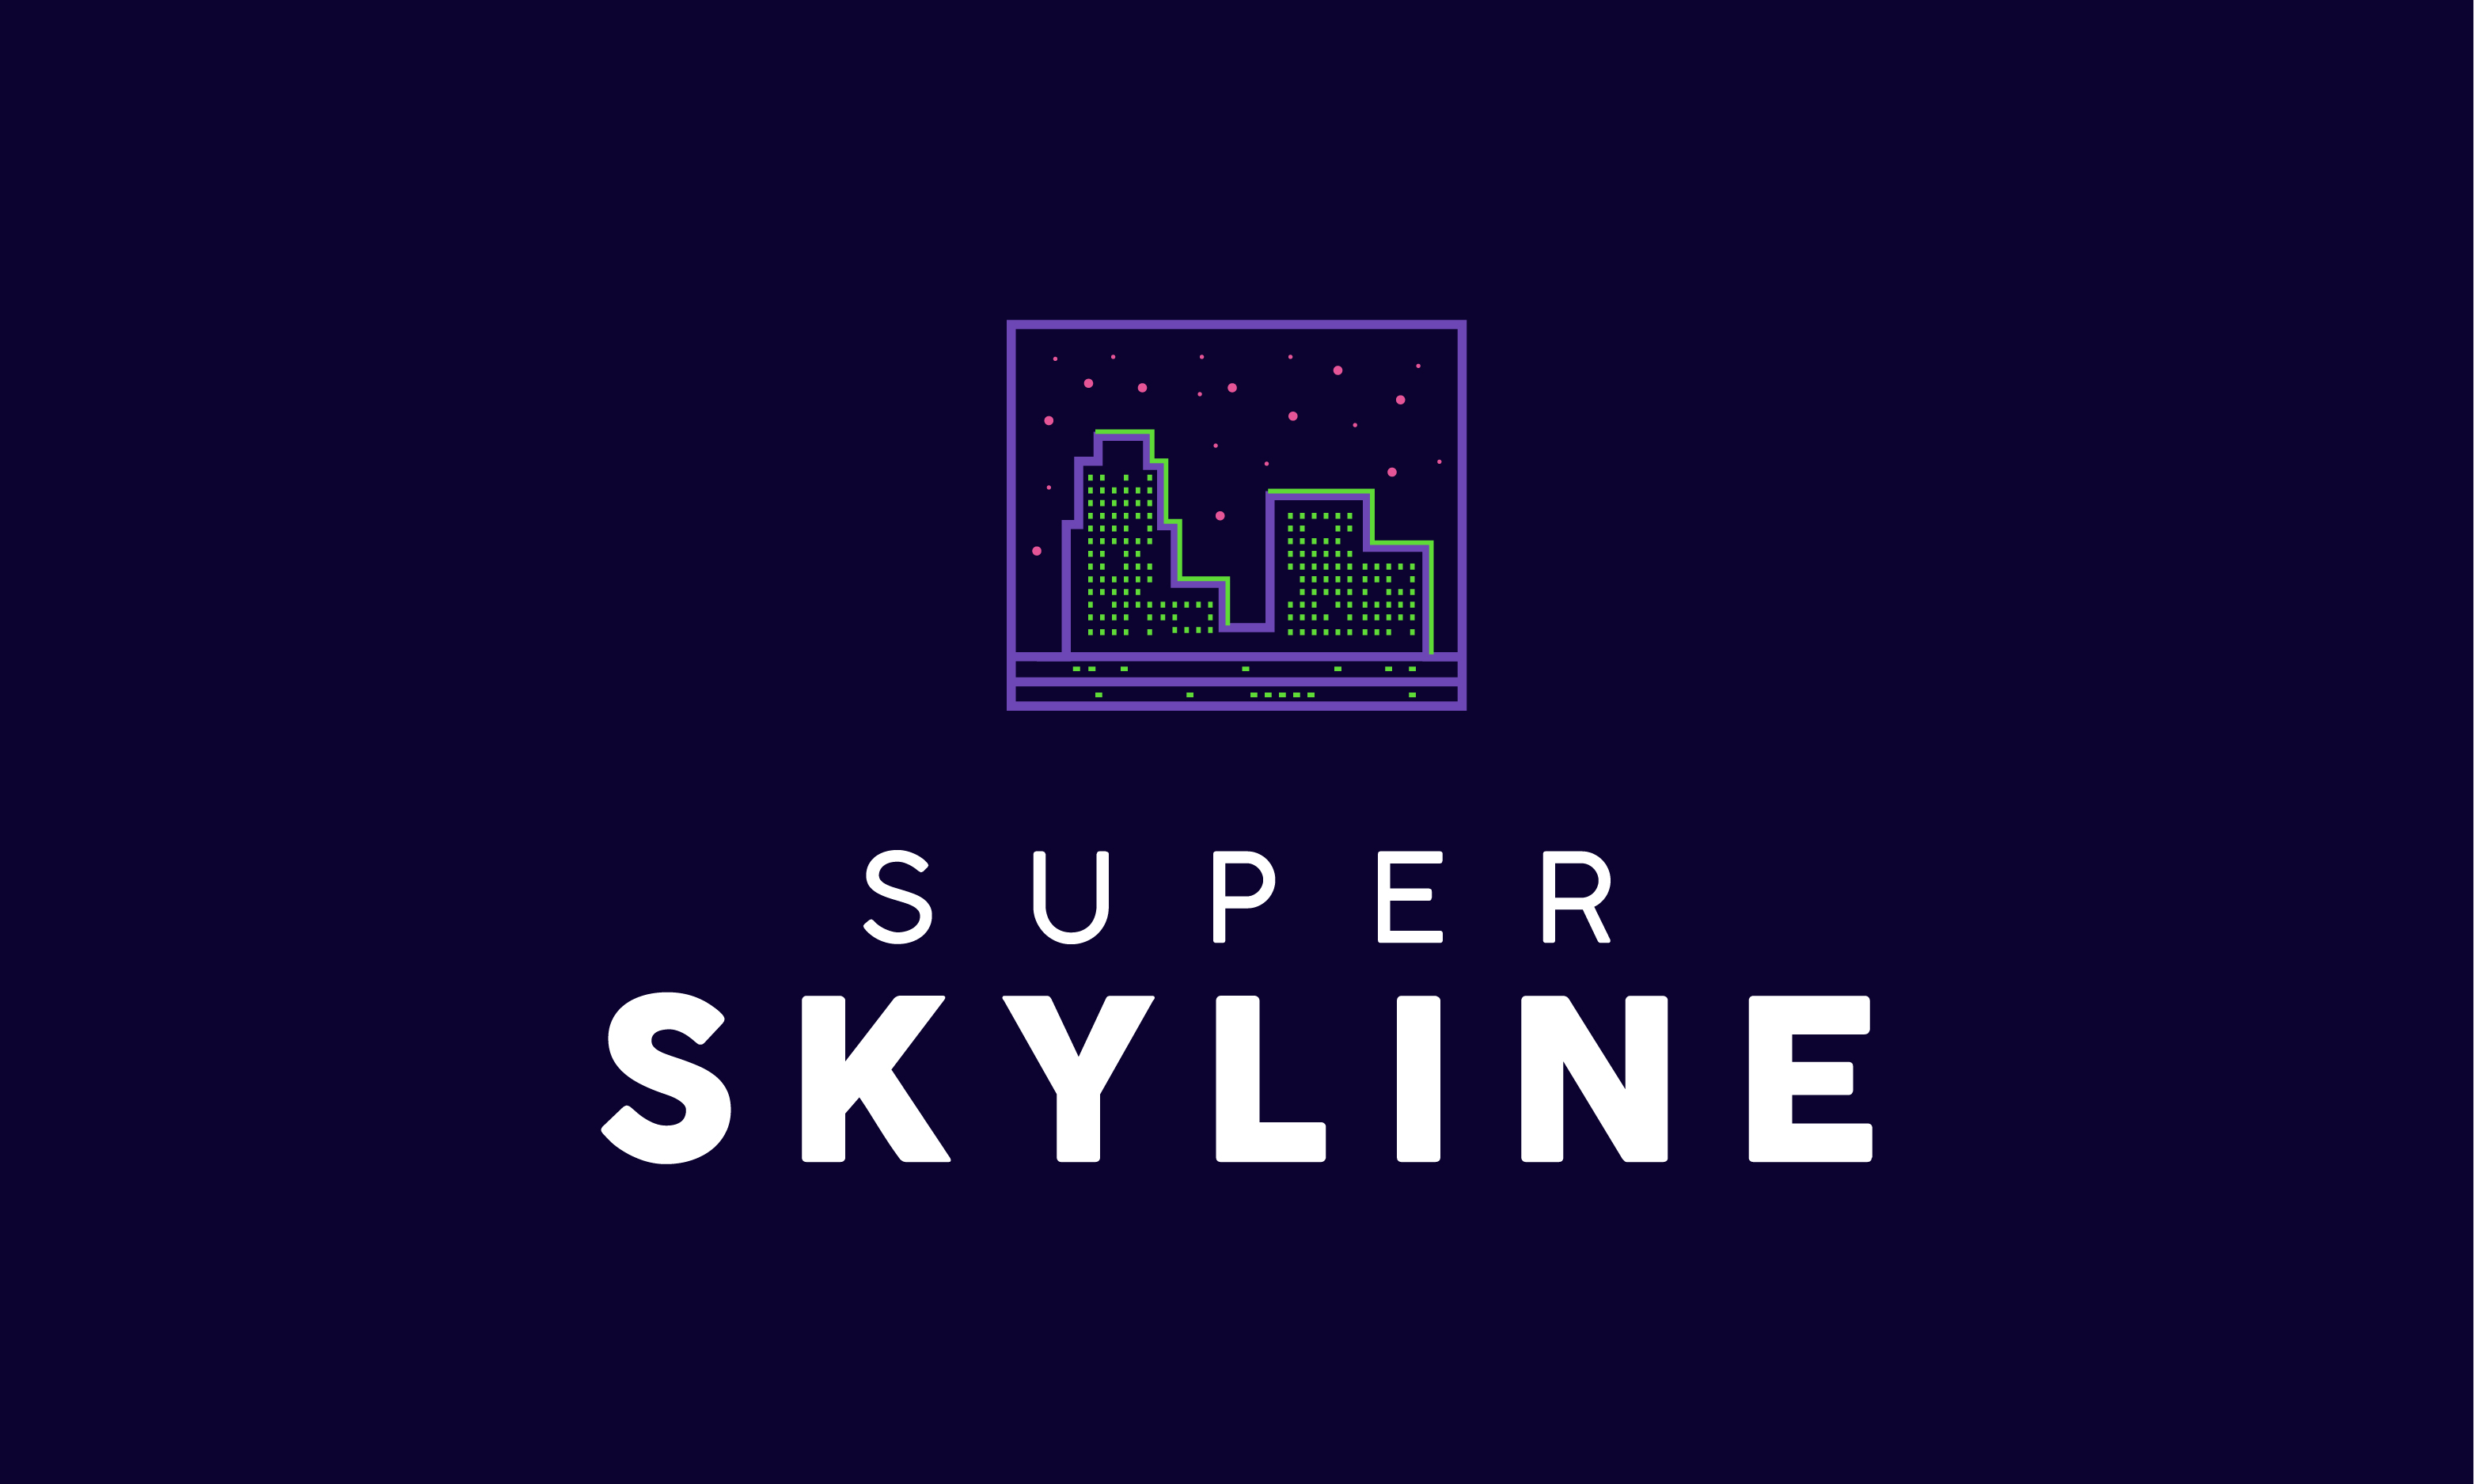 SuperSkyline.com